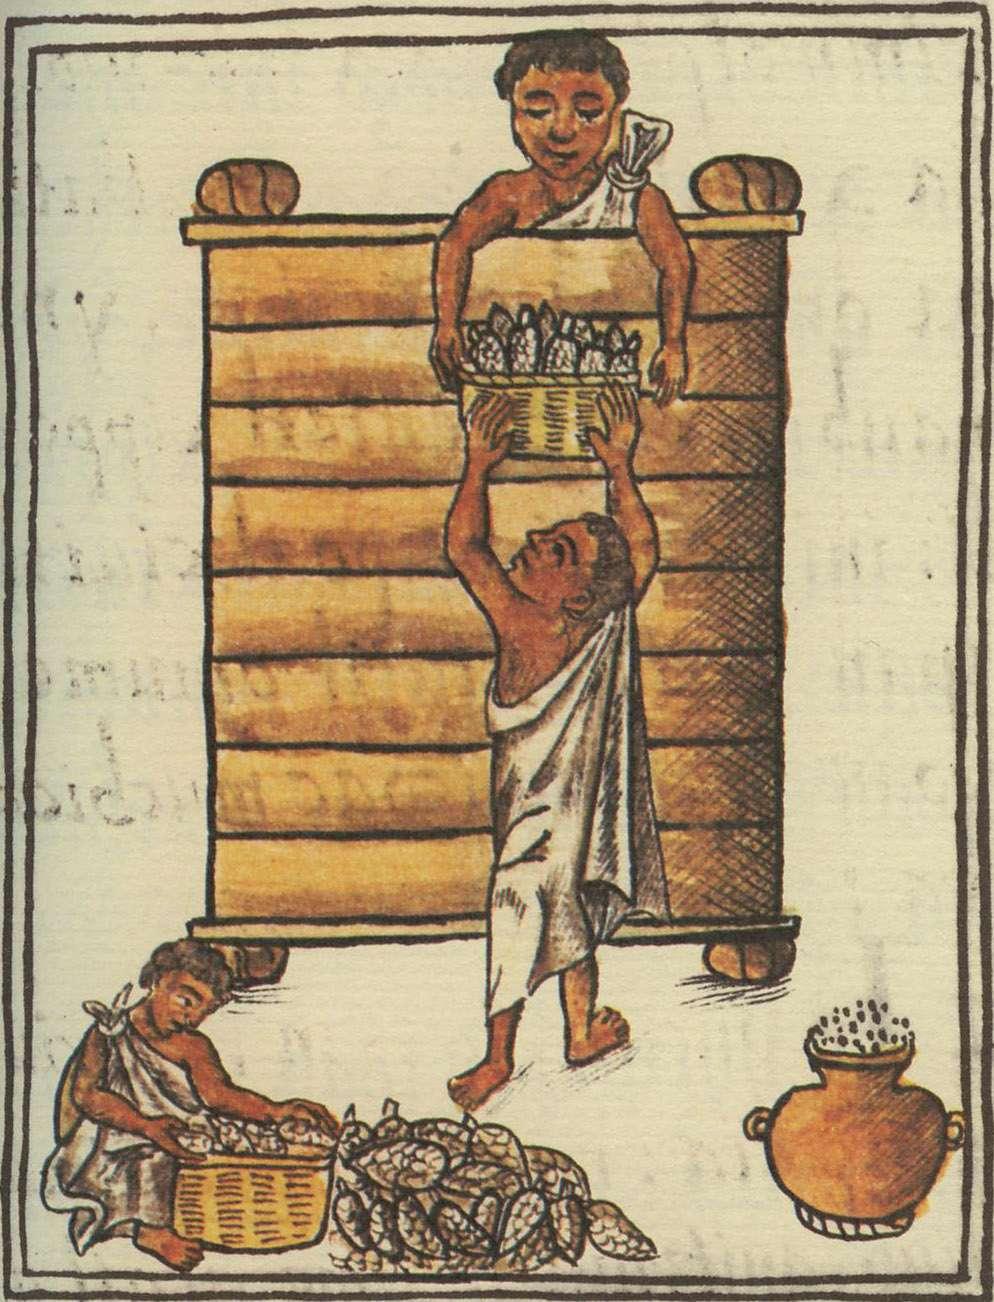 Αποθήκευση καλαμποκιού. Σχέδιο από τον Φλωρεντιανό κώδικα.